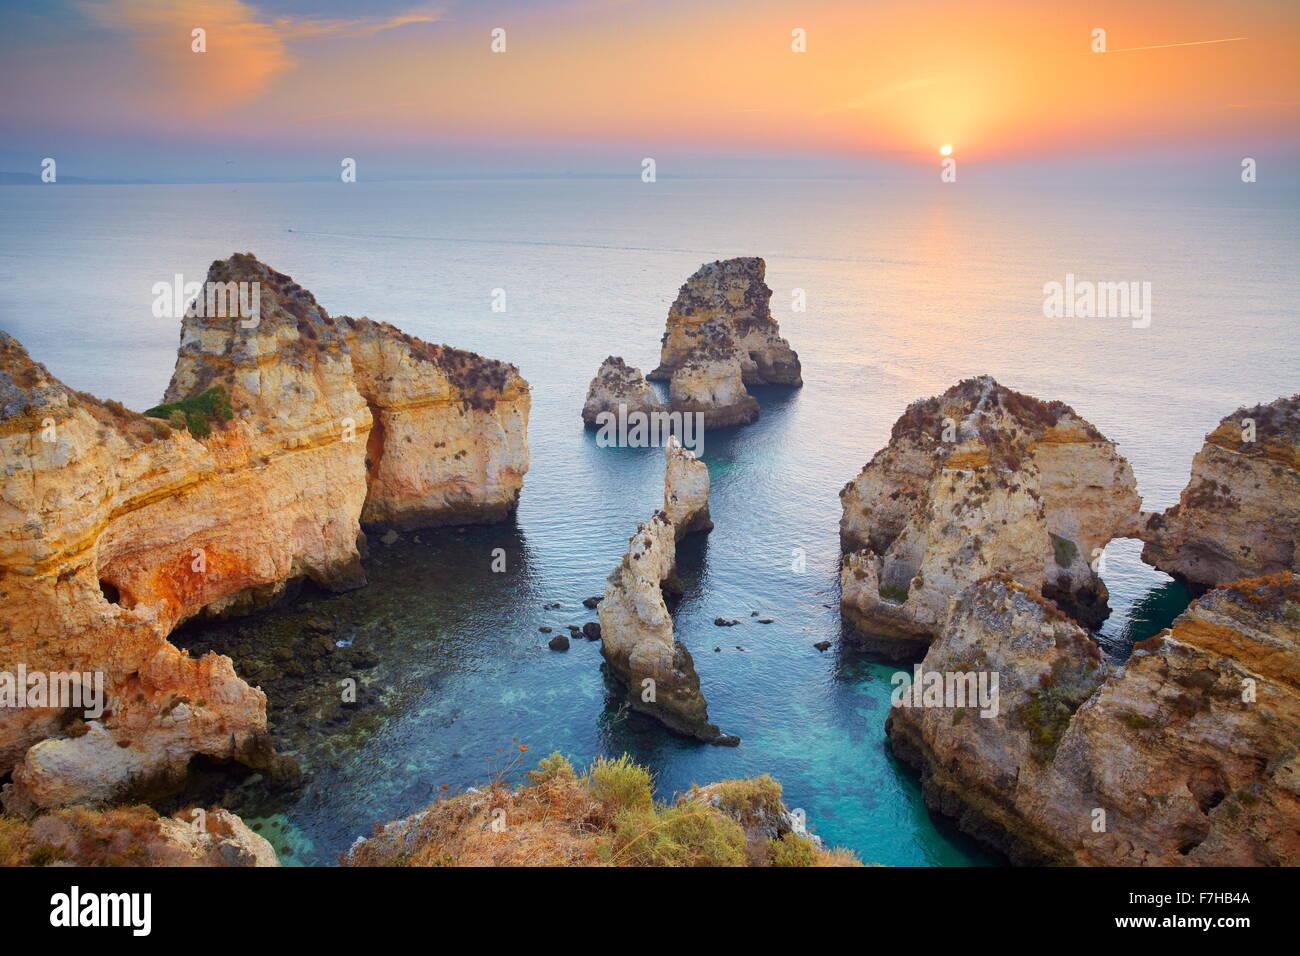 Sonnenaufgang am Algarve-Küste in der Nähe von Lagos, Portugal Stockbild